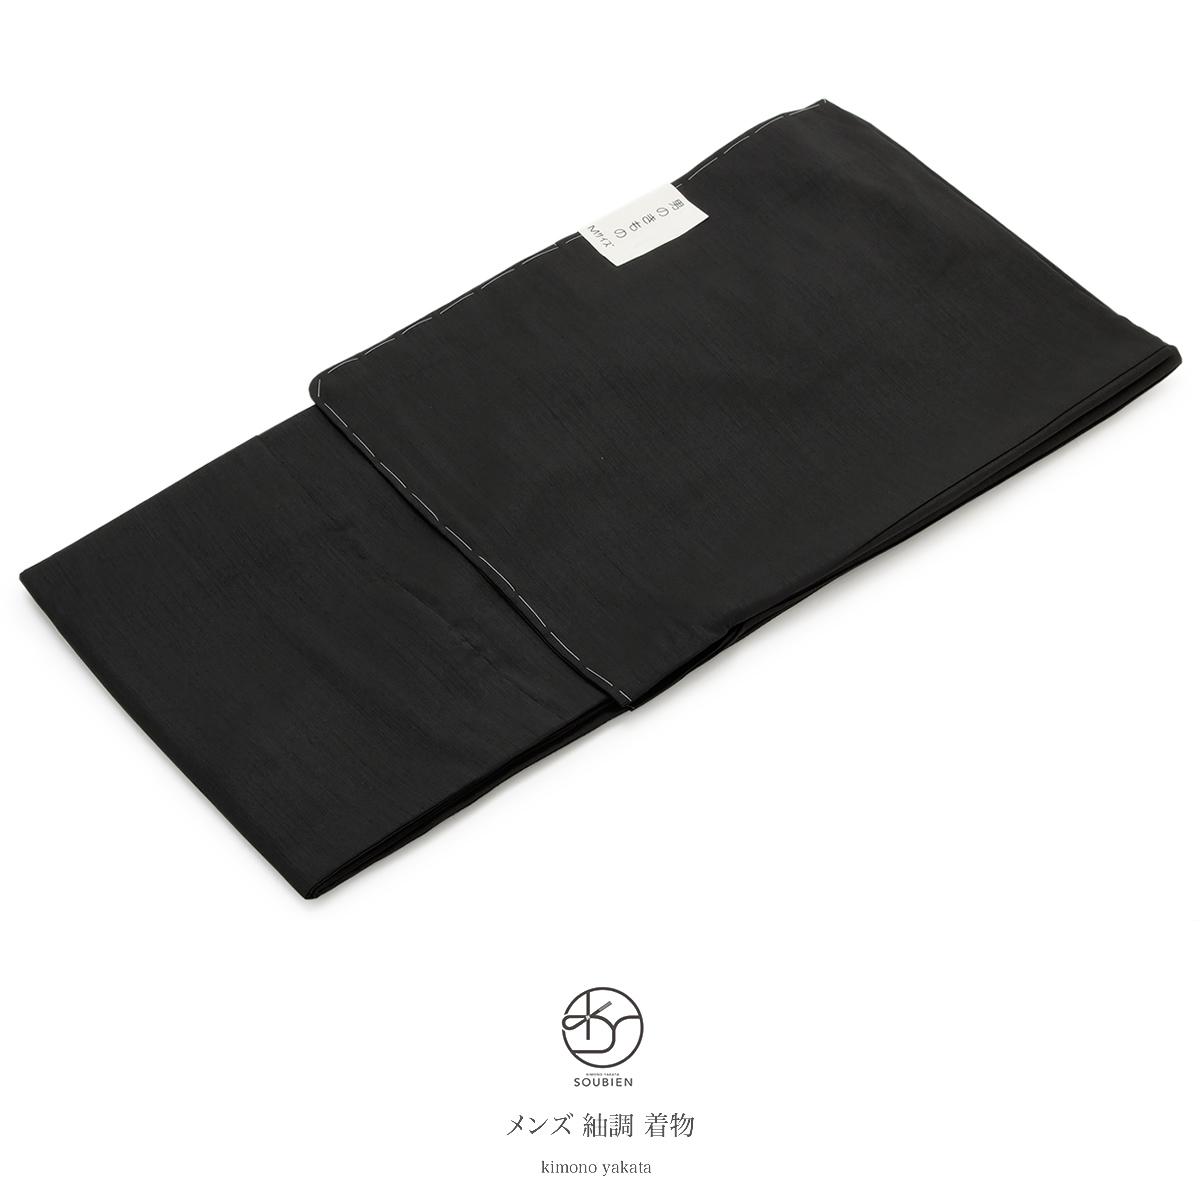 メンズ 着物袷 黒 ブラック 無地 シンプル 紬調 カジュアル きもの 男性用 仕立て上がり【あす楽対応】【送料無料】